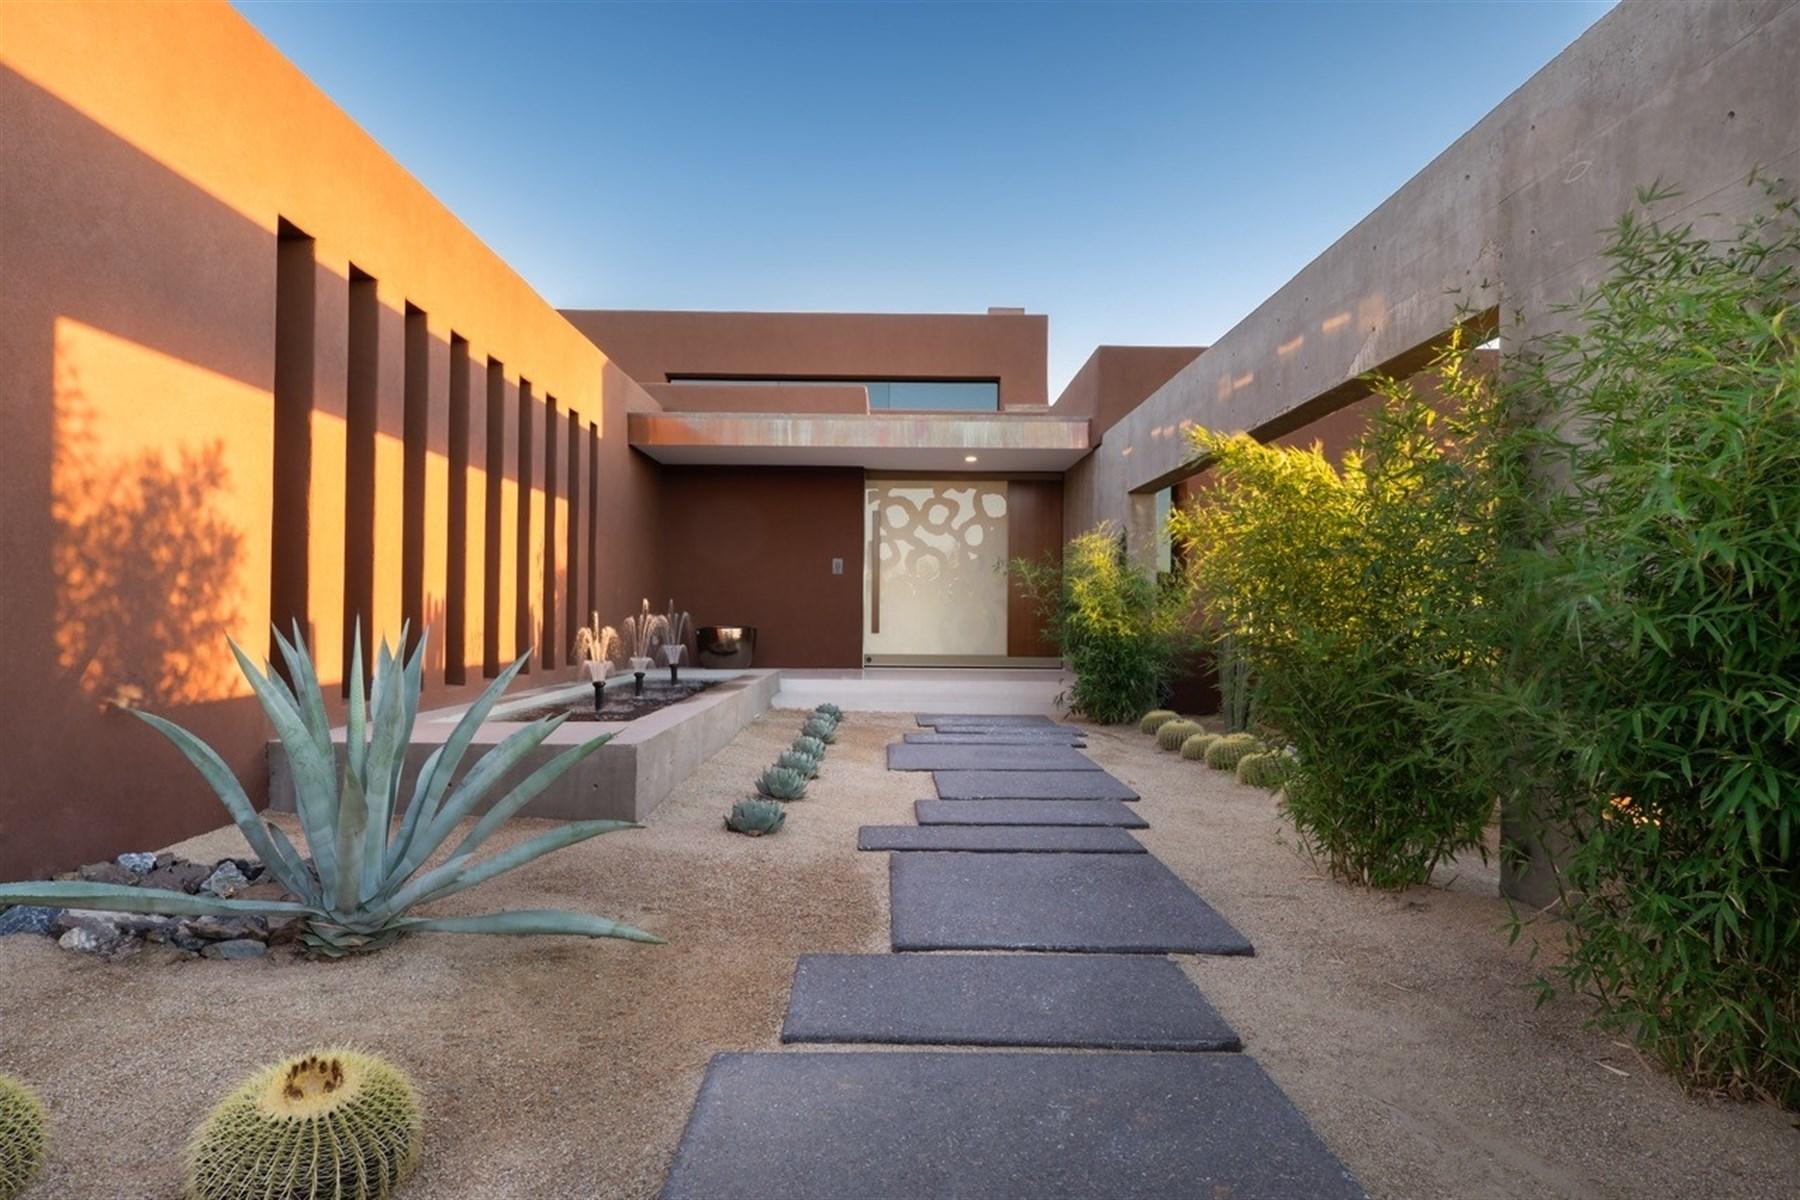 Einfamilienhaus für Verkauf beim Modern and recently built custom contemporary home in Scottsdale 36735 N 102nd Pl Scottsdale, Arizona, 85262 Vereinigte Staaten